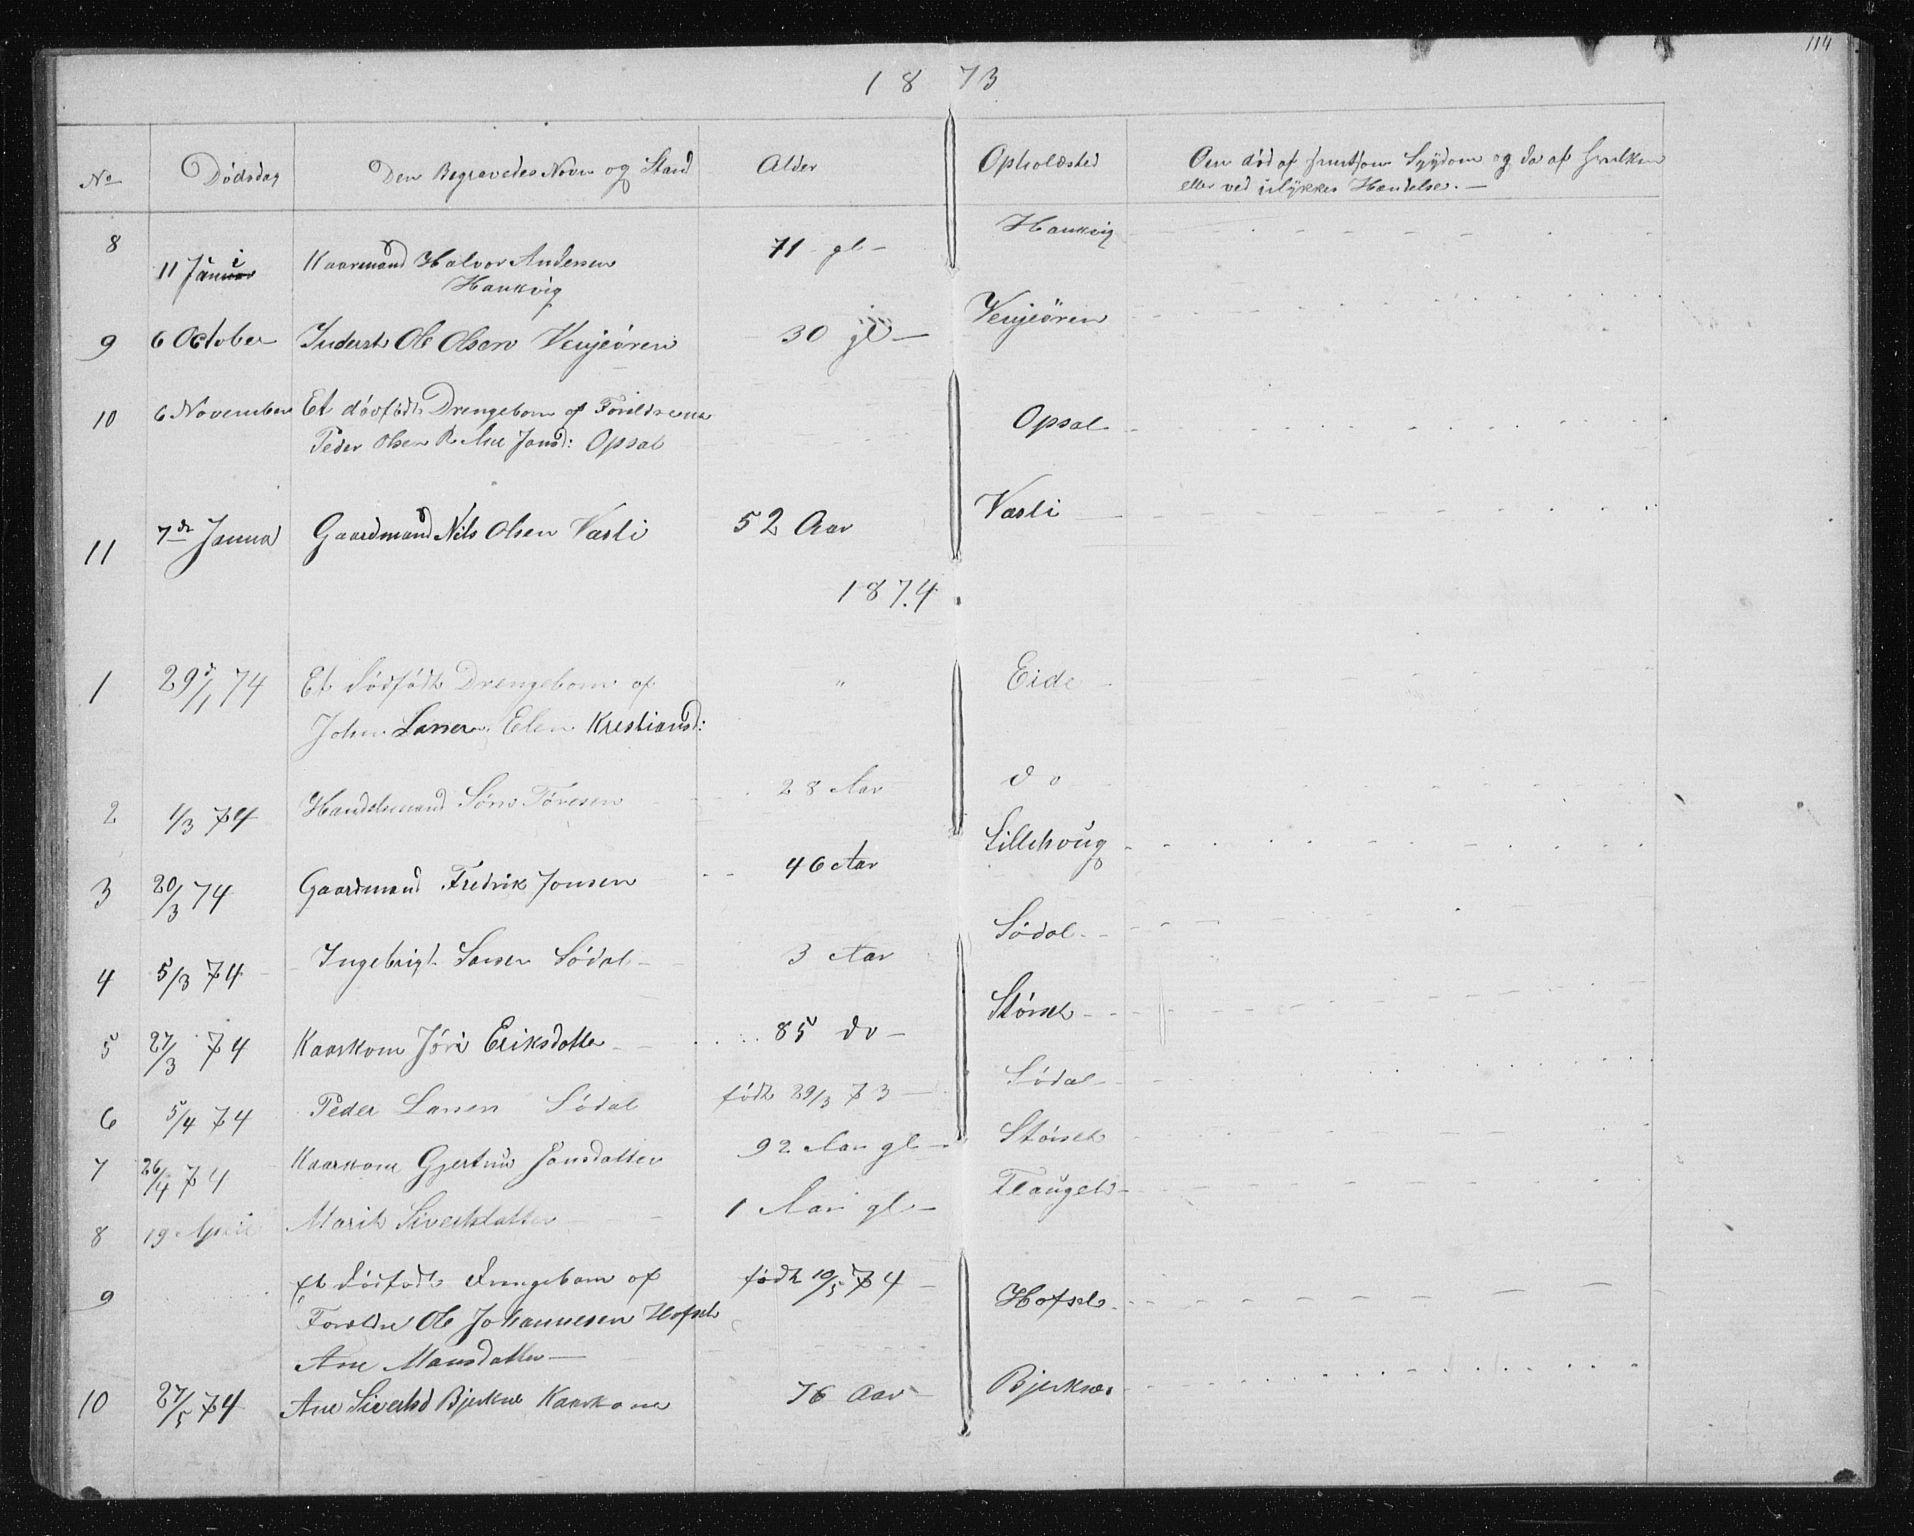 SAT, Ministerialprotokoller, klokkerbøker og fødselsregistre - Sør-Trøndelag, 631/L0513: Klokkerbok nr. 631C01, 1869-1879, s. 114